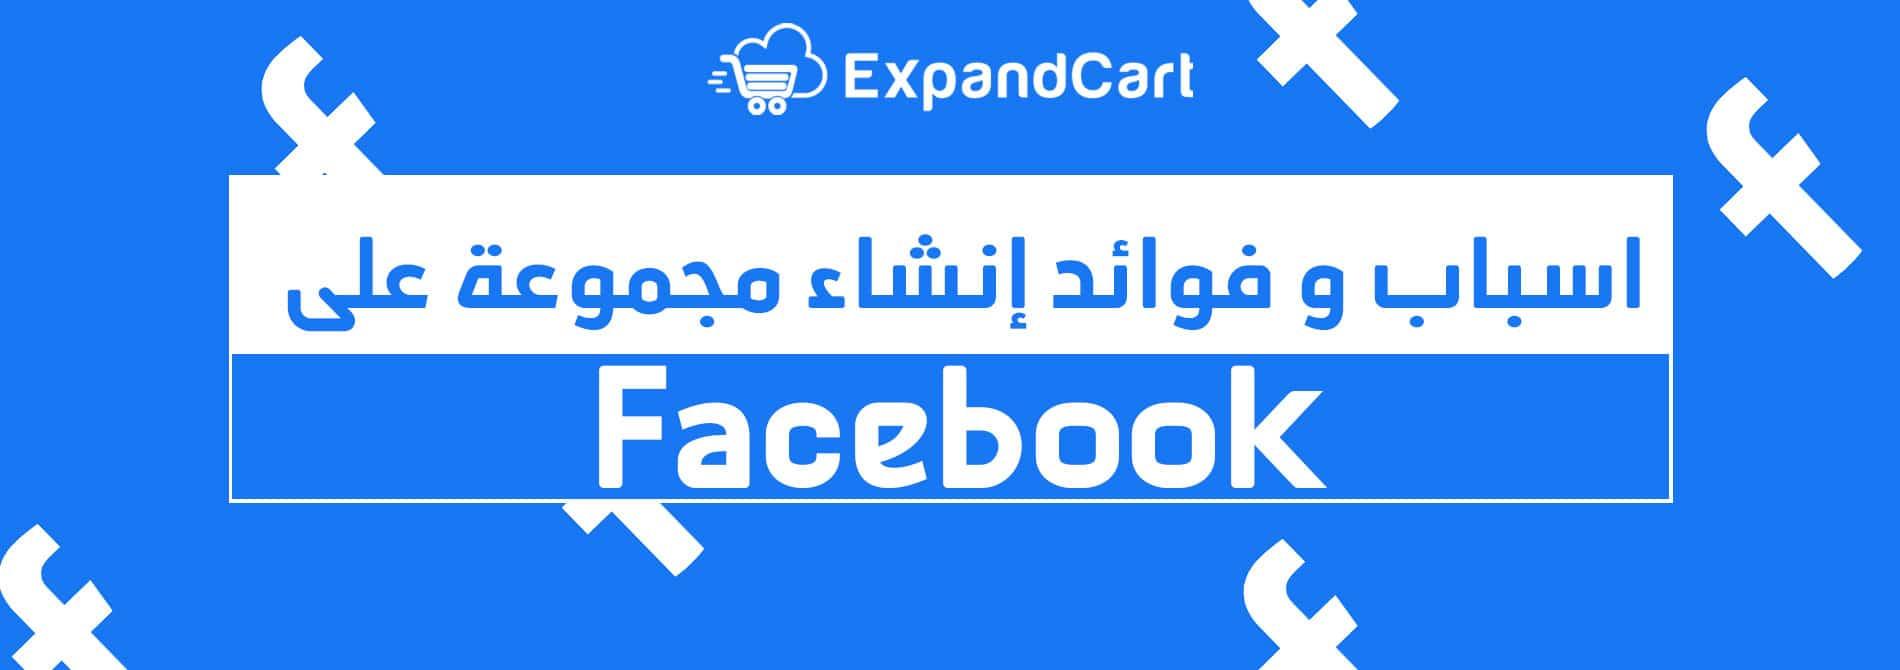 مجموعات الفيس بوك Facebook Groups